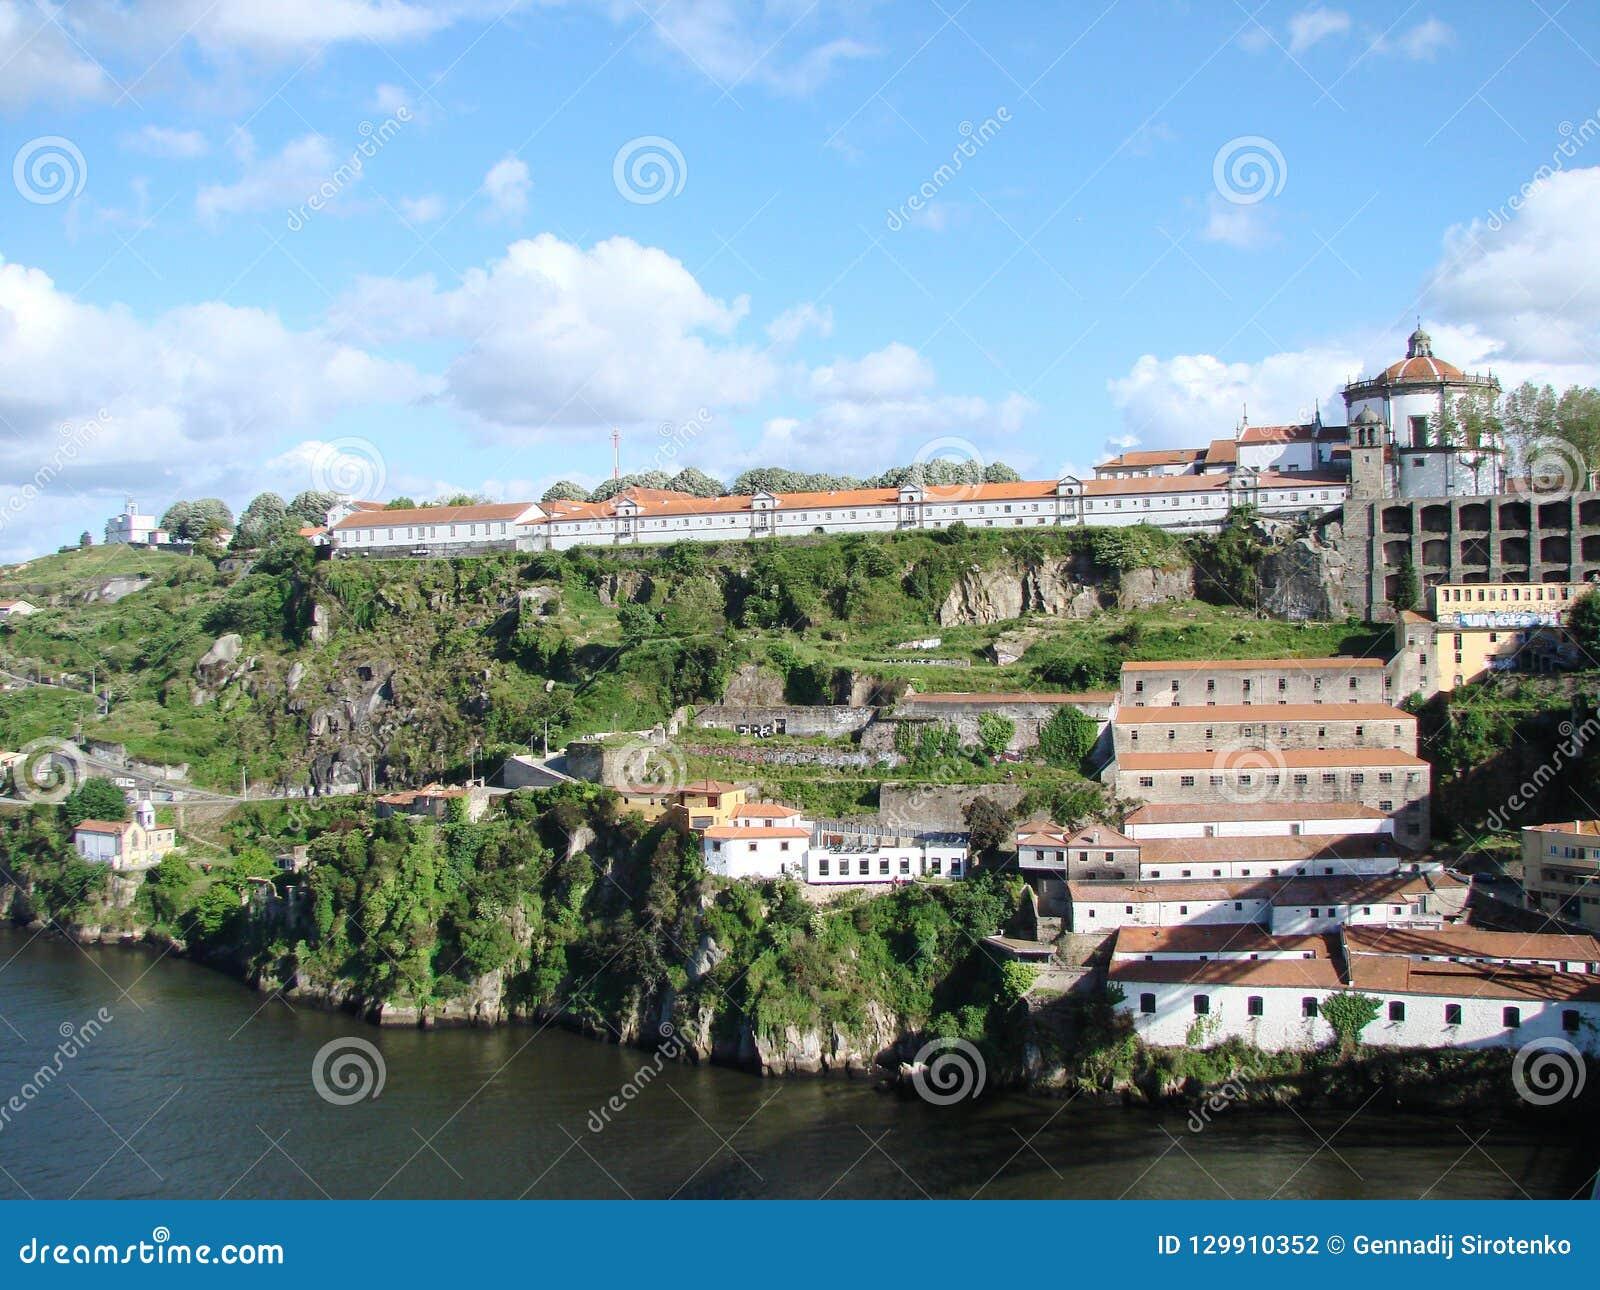 Il Portogallo portugal Paesaggi urbani delle aree storiche della città e le viste sceniche della natura portoghese